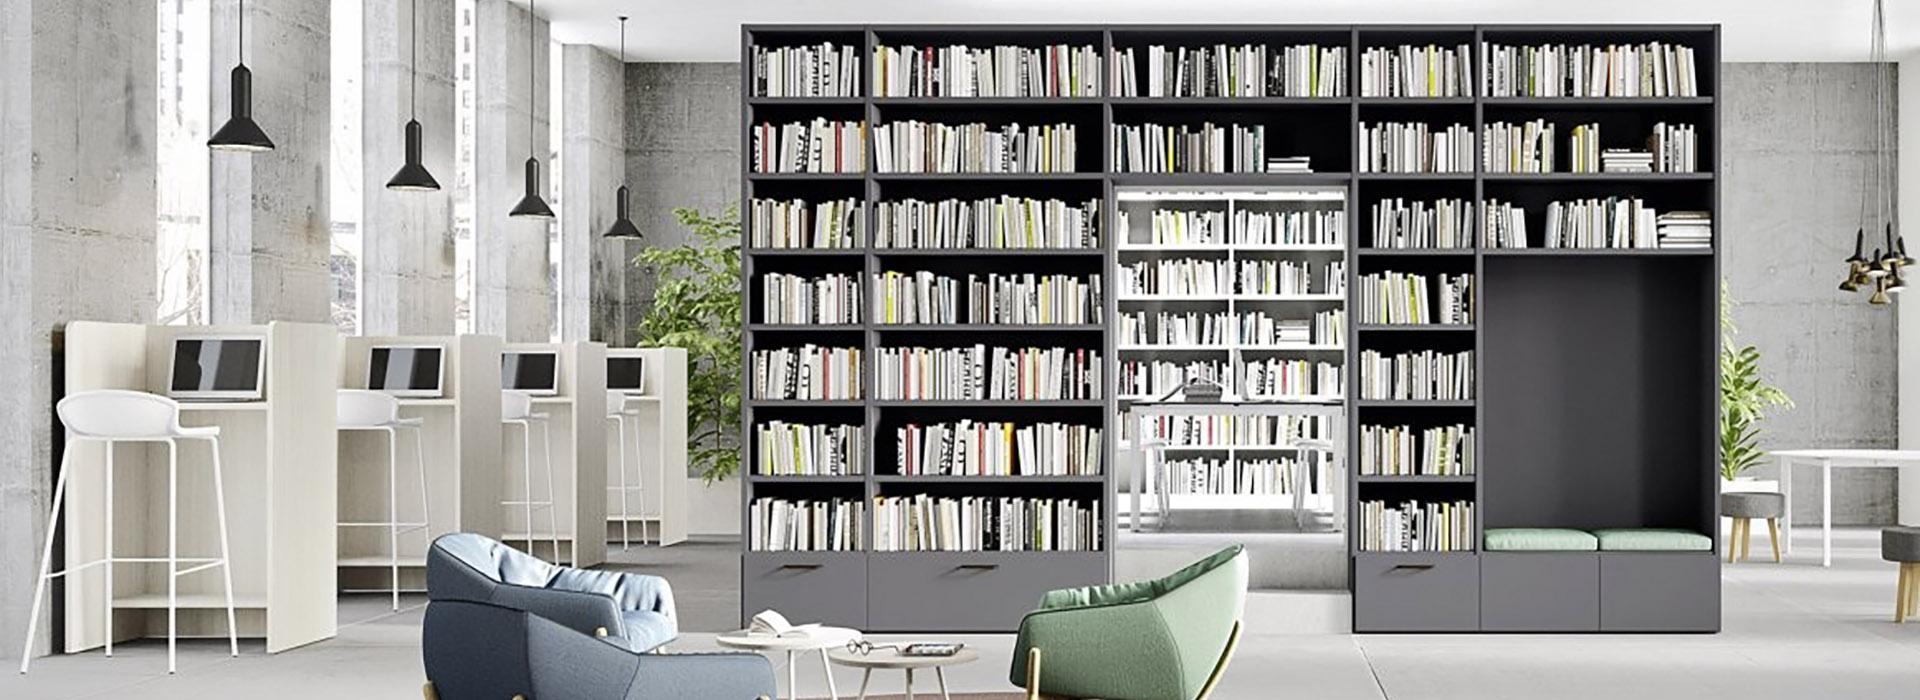 Librerie a ponte cinquanta3 ginocchi arredamenti for Ginocchi arredamenti